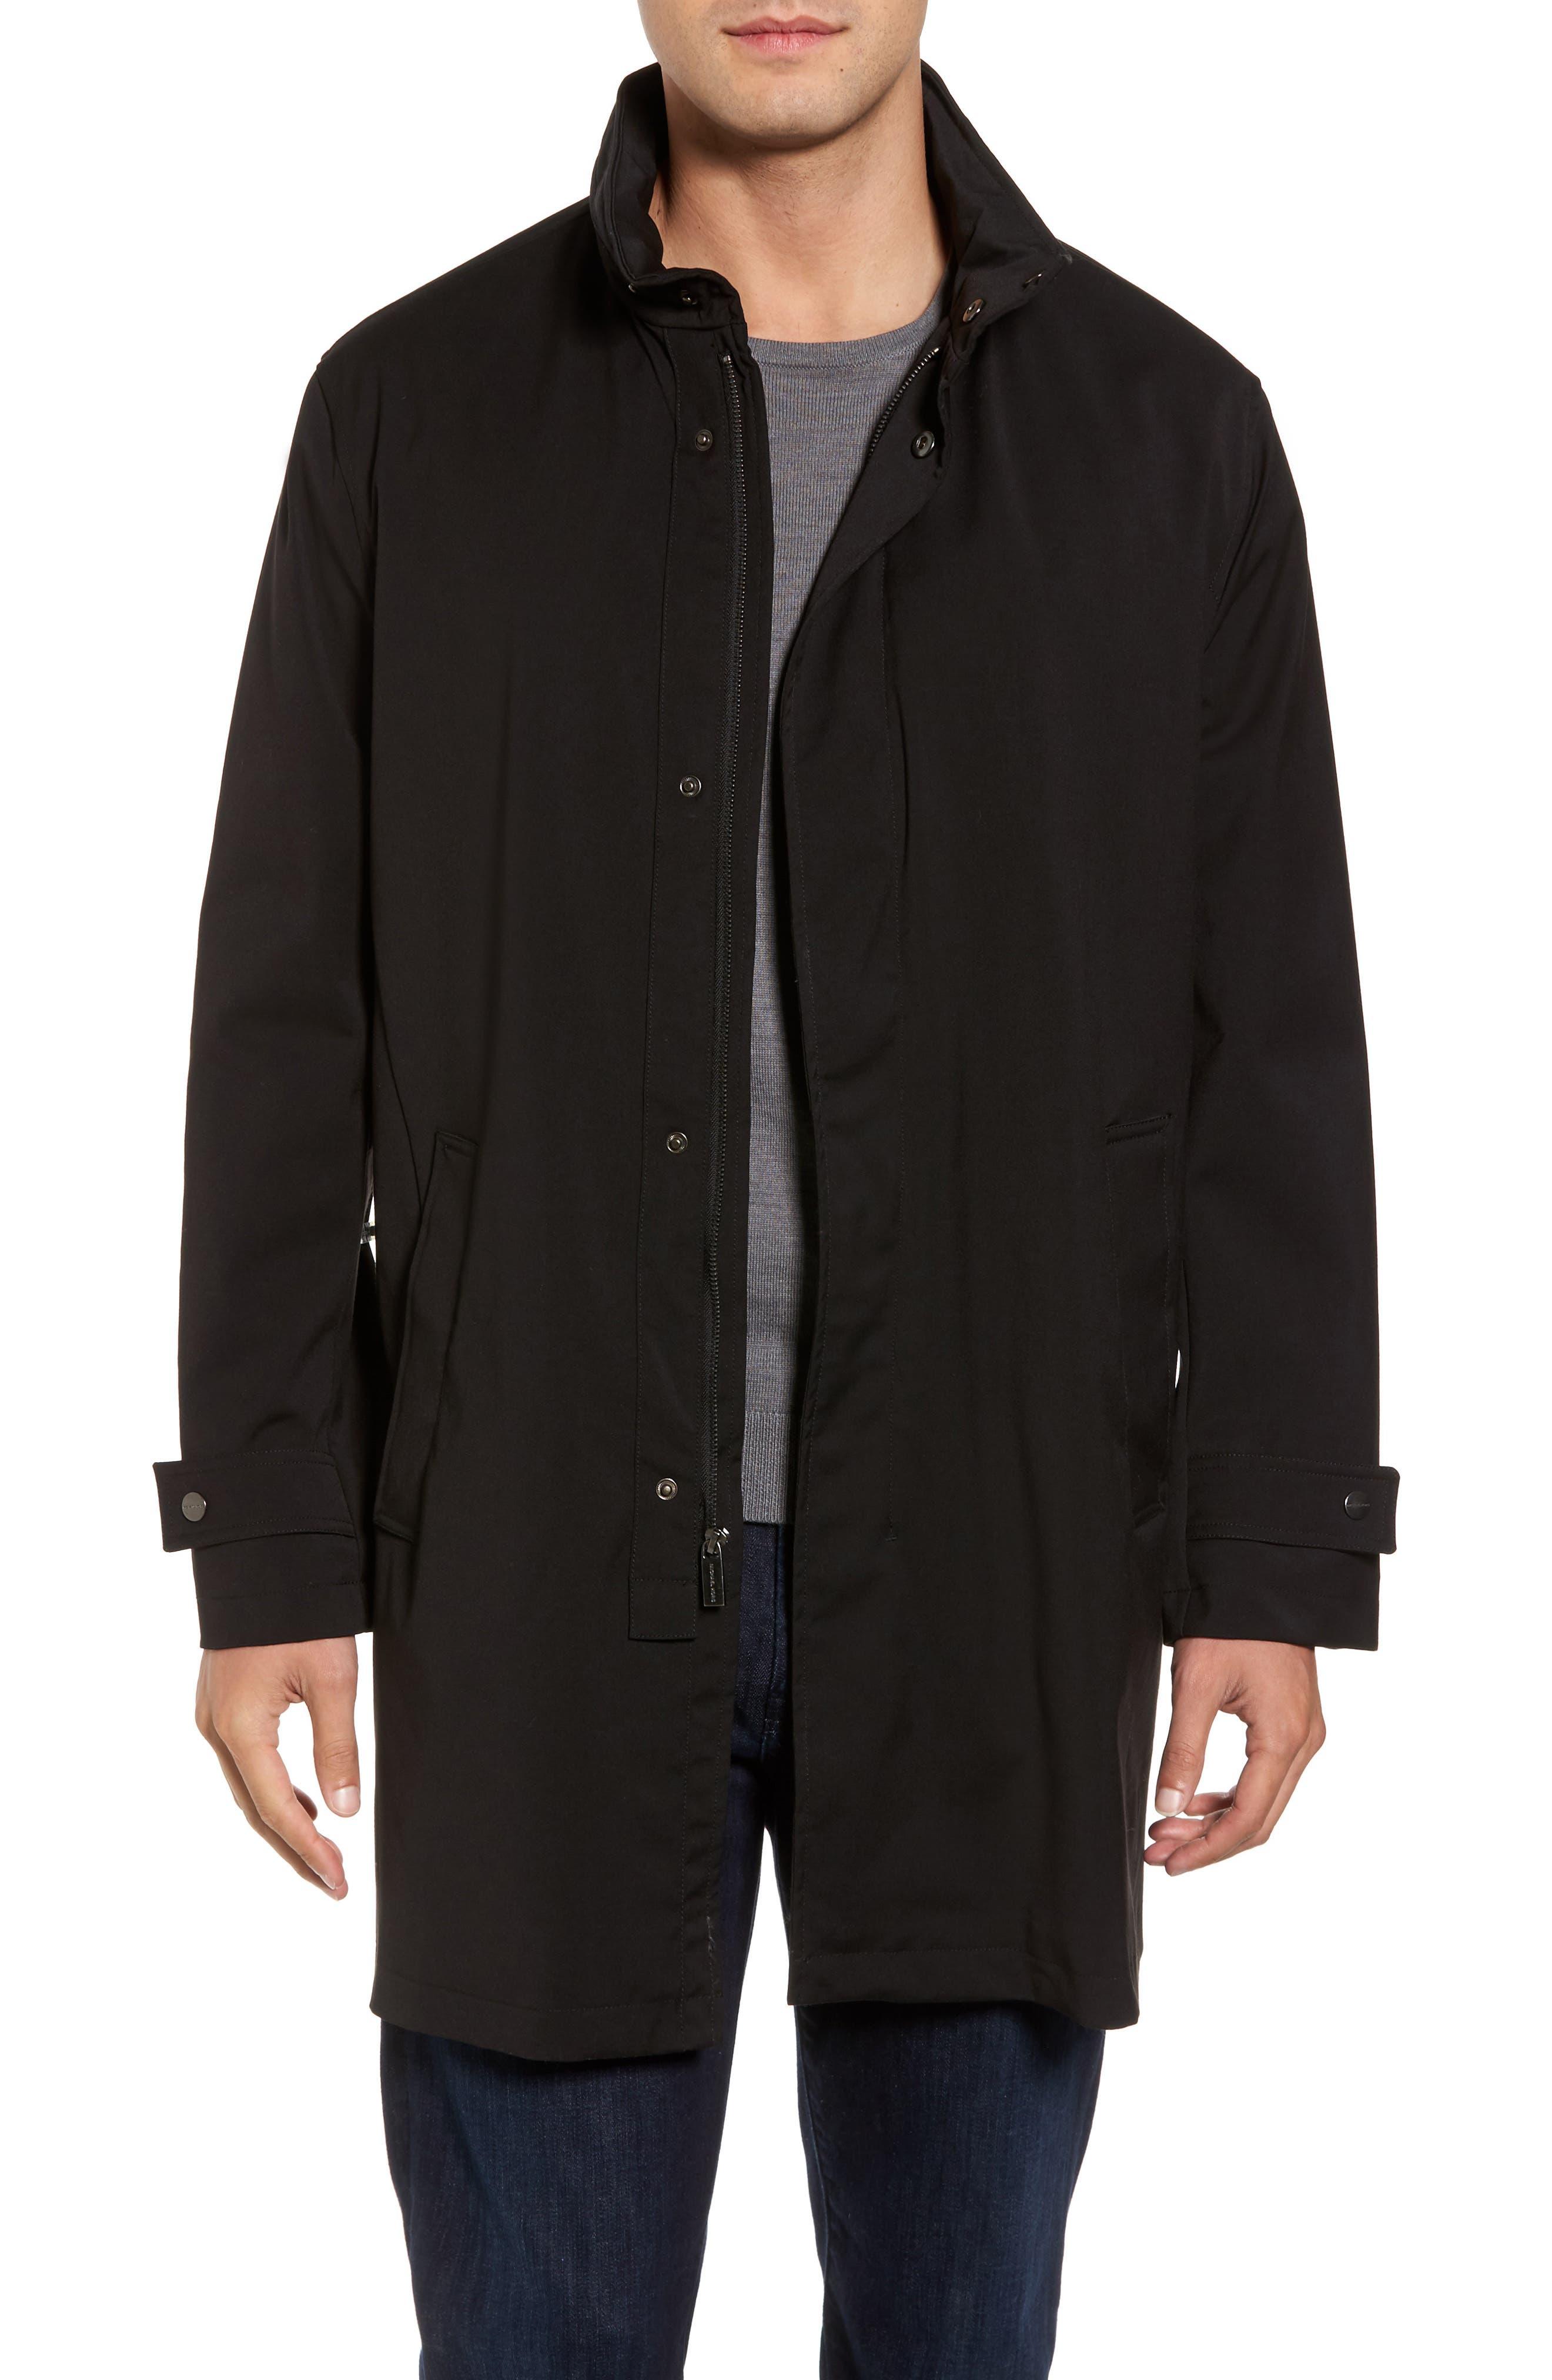 Alternate Image 1 Selected - Michael Kors Stretch Rain Coat